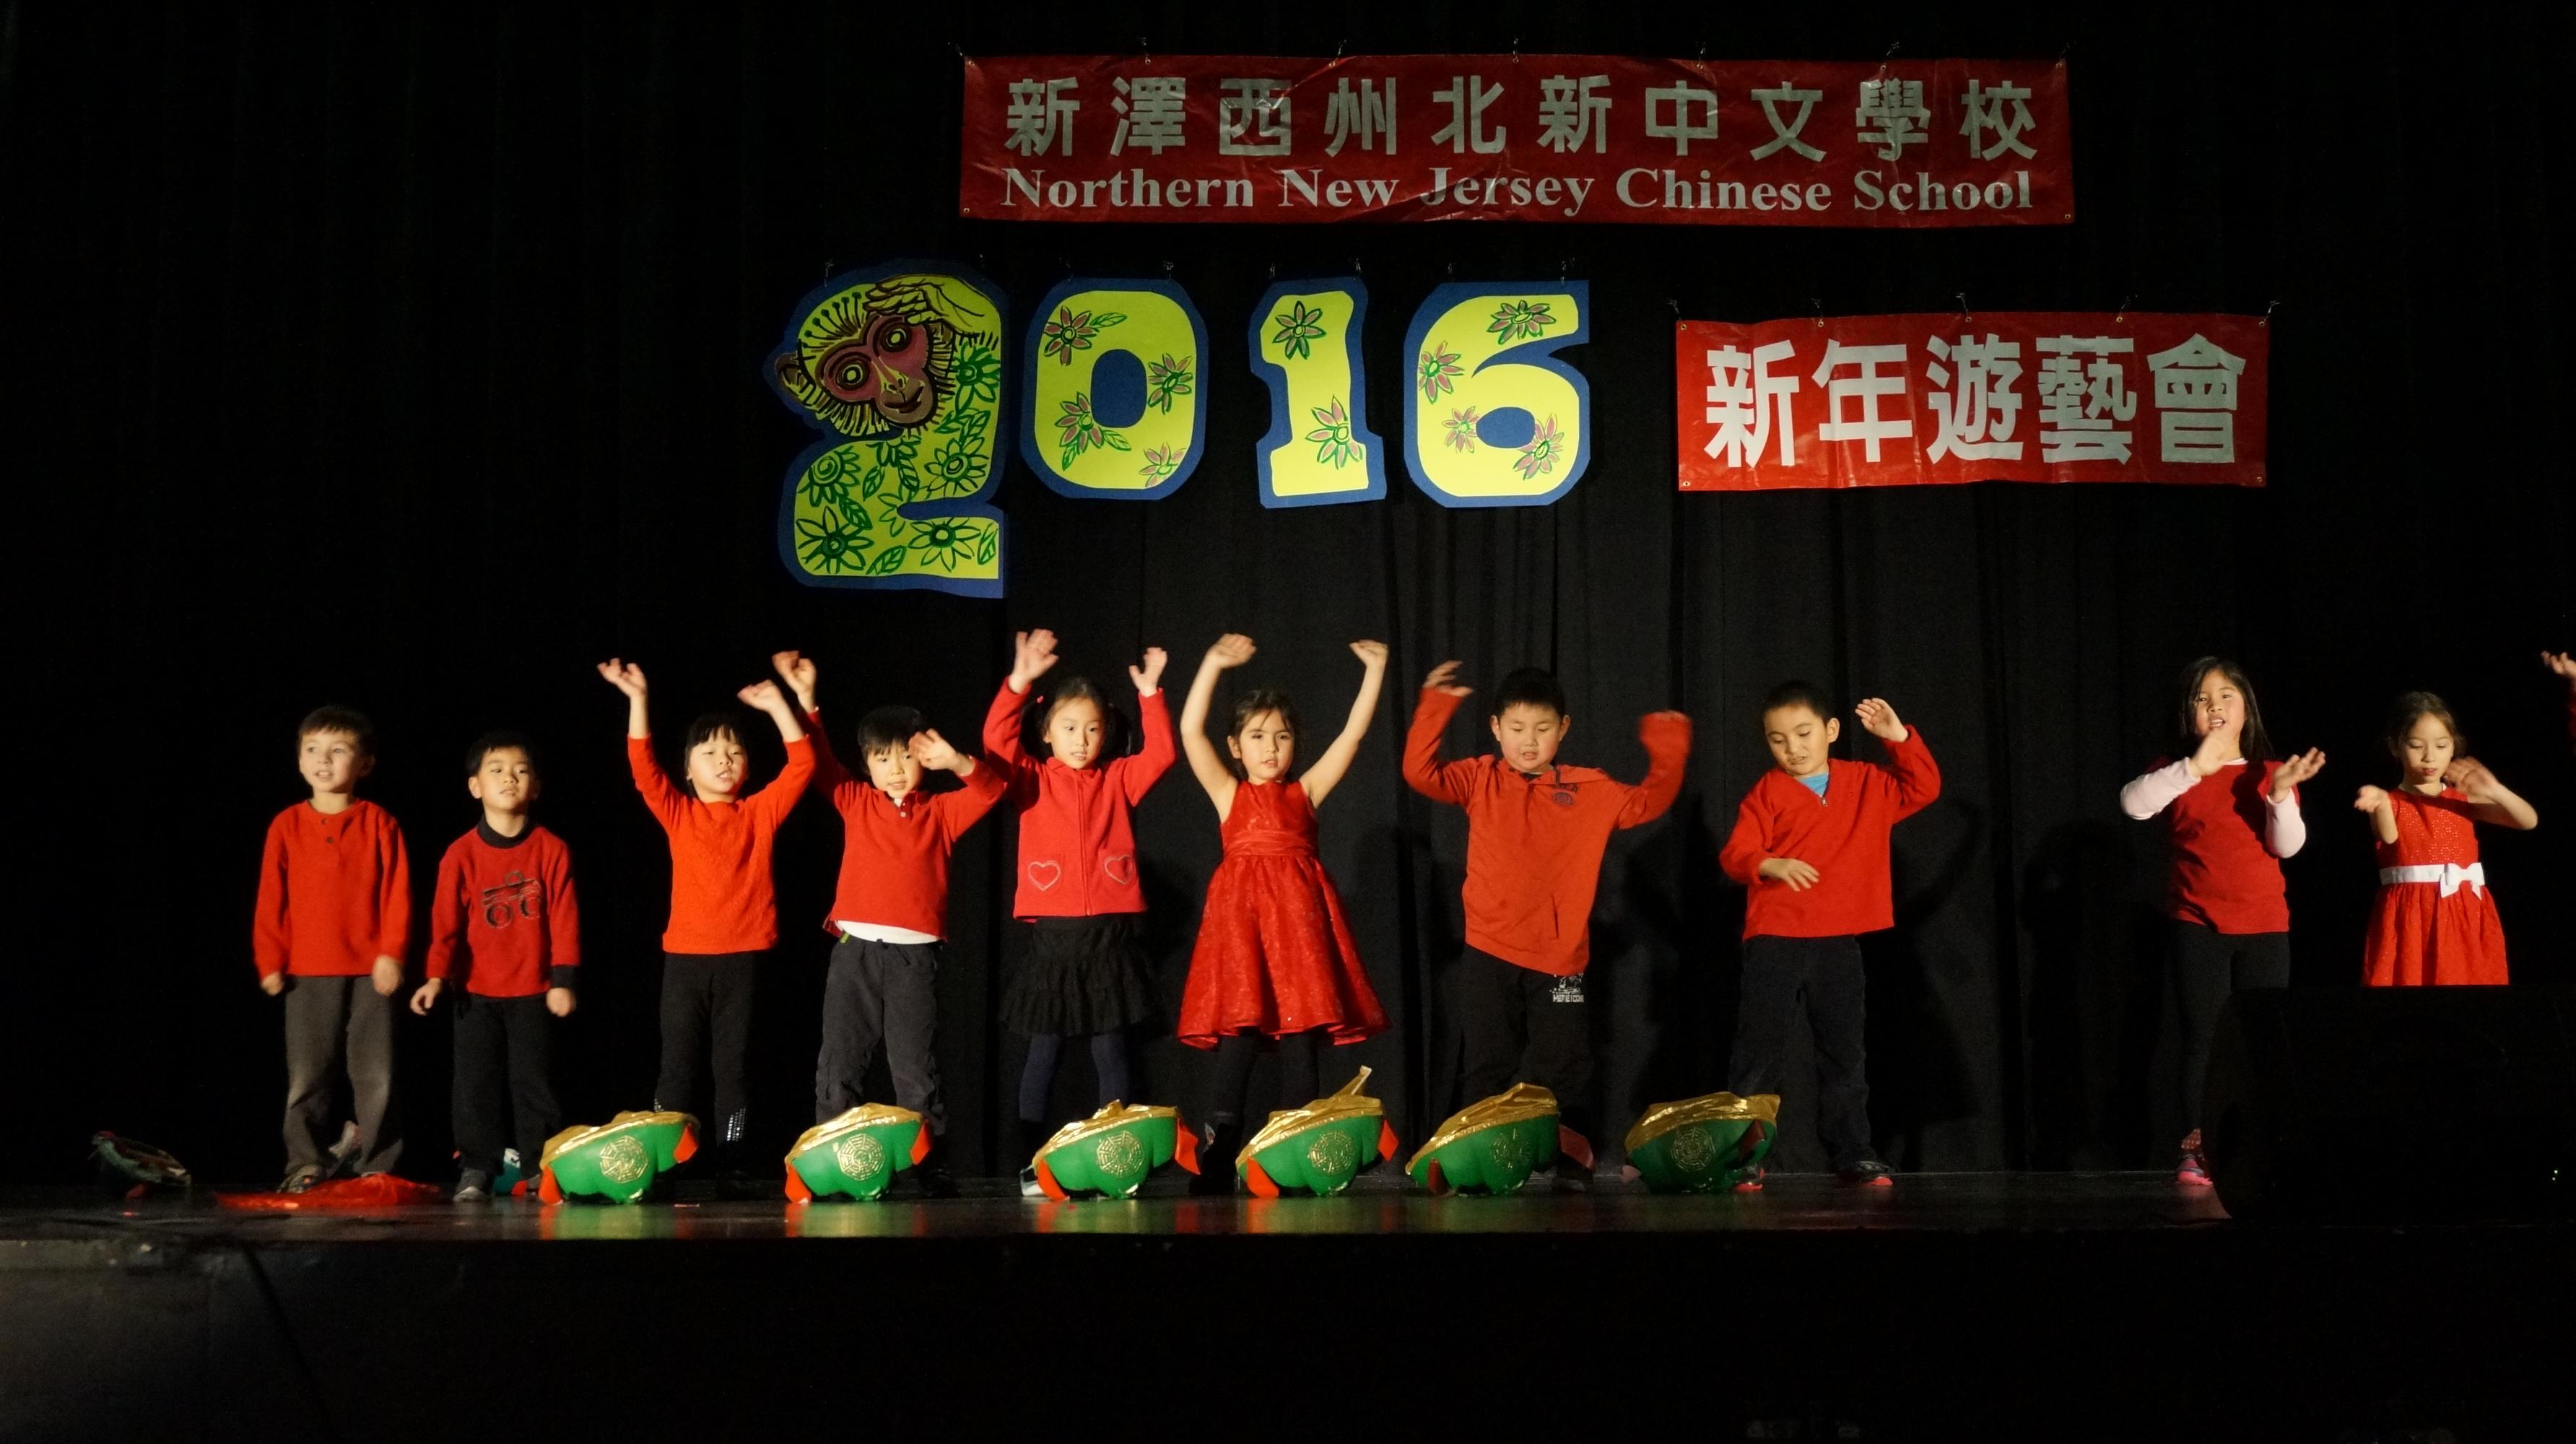 1b8fd36978c8d3ffaaeb_aaa_Chinese_New_Year_pix_258.JPG